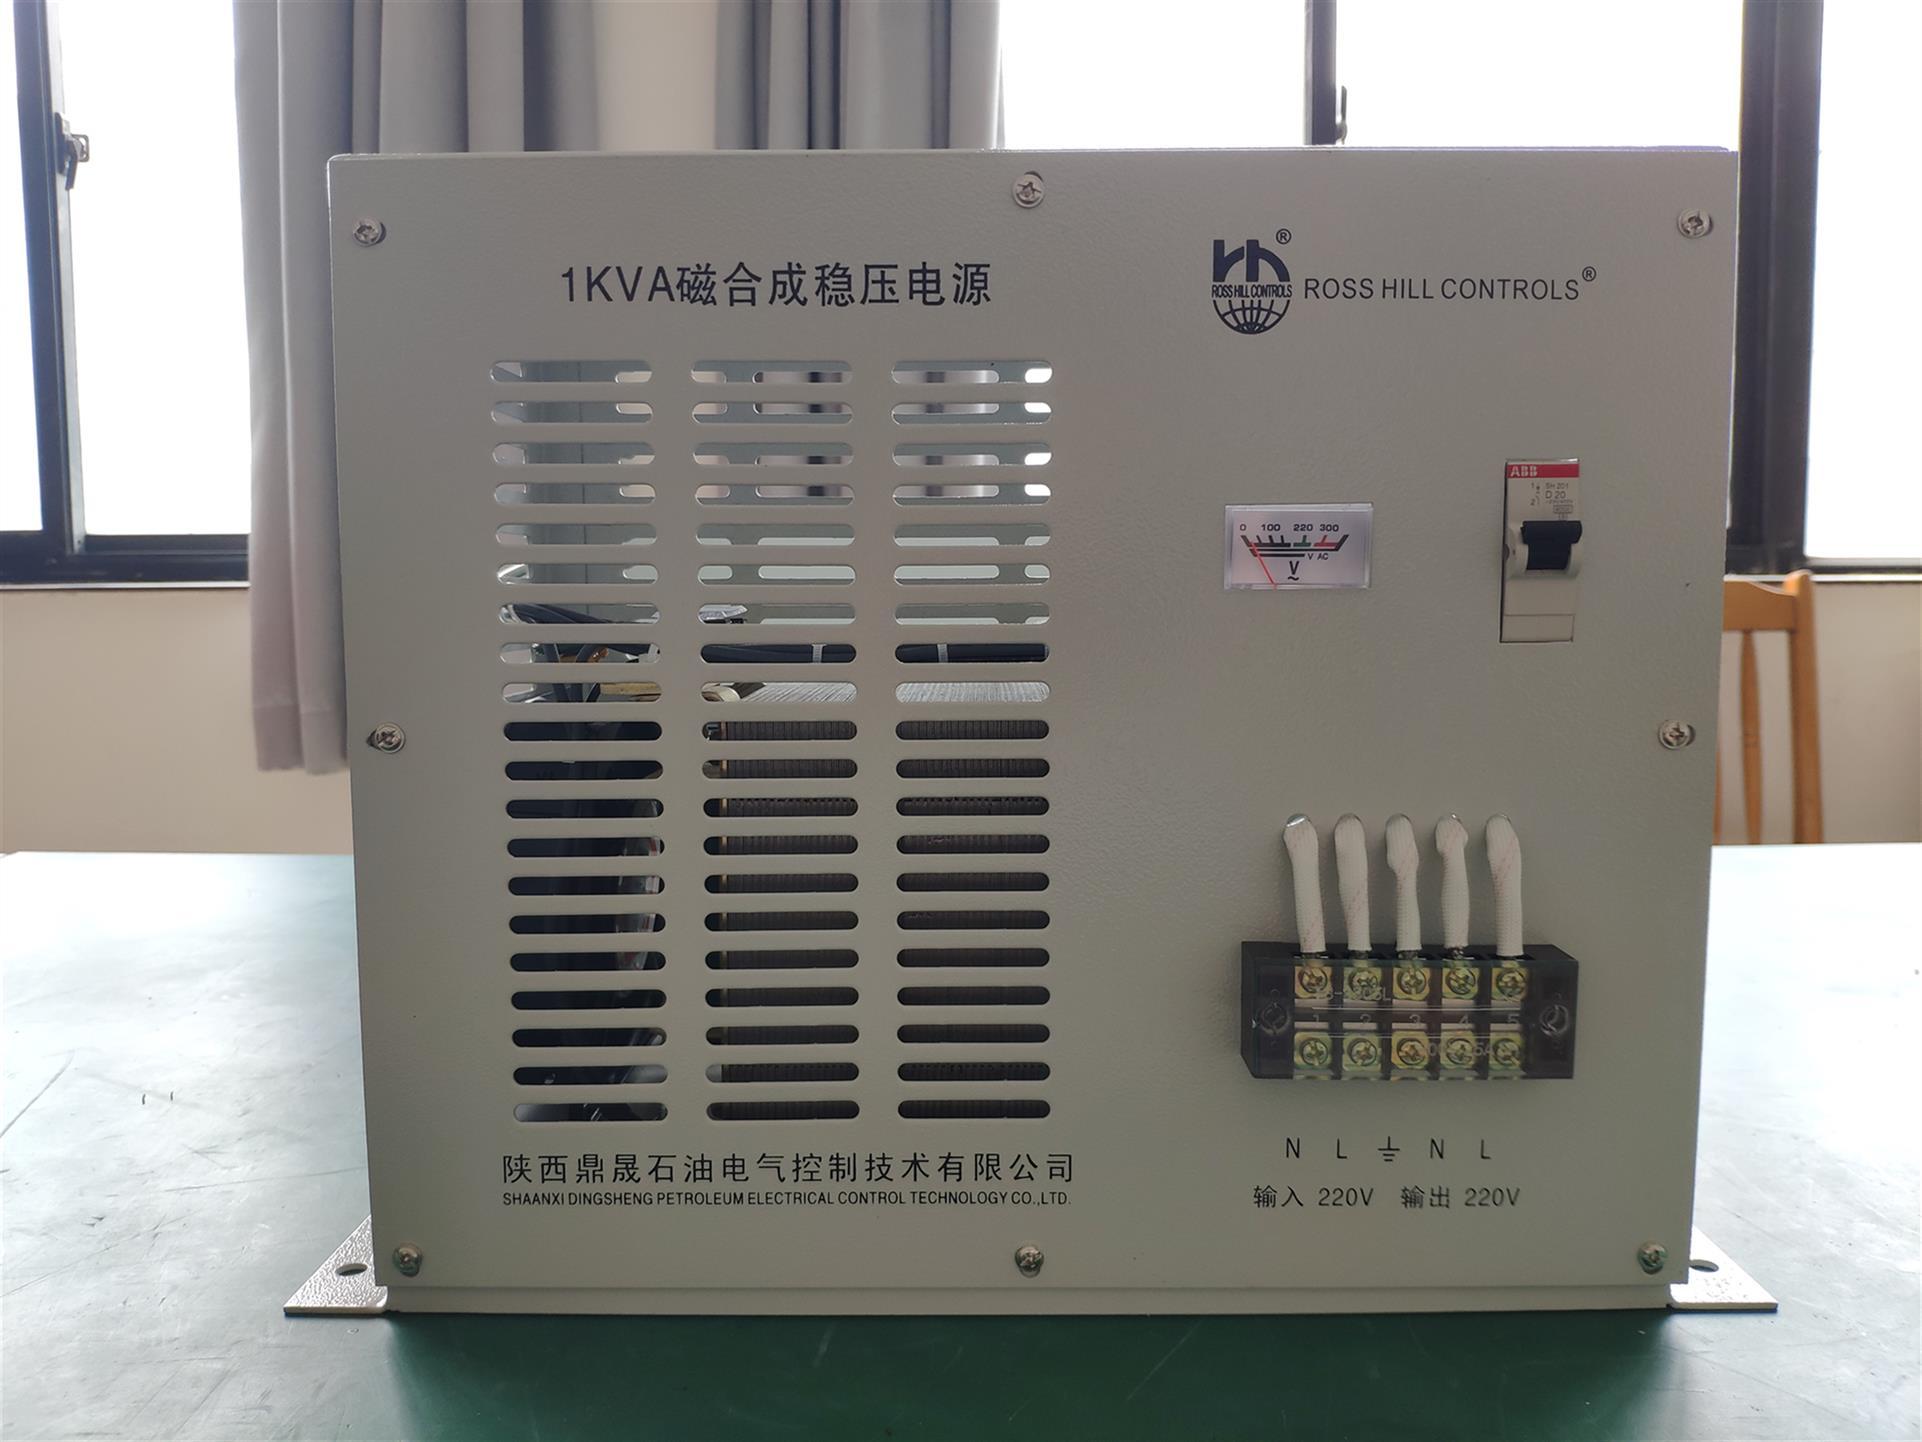 柴油发电机电控系统1KVA磁合成稳压电源2.2KVA